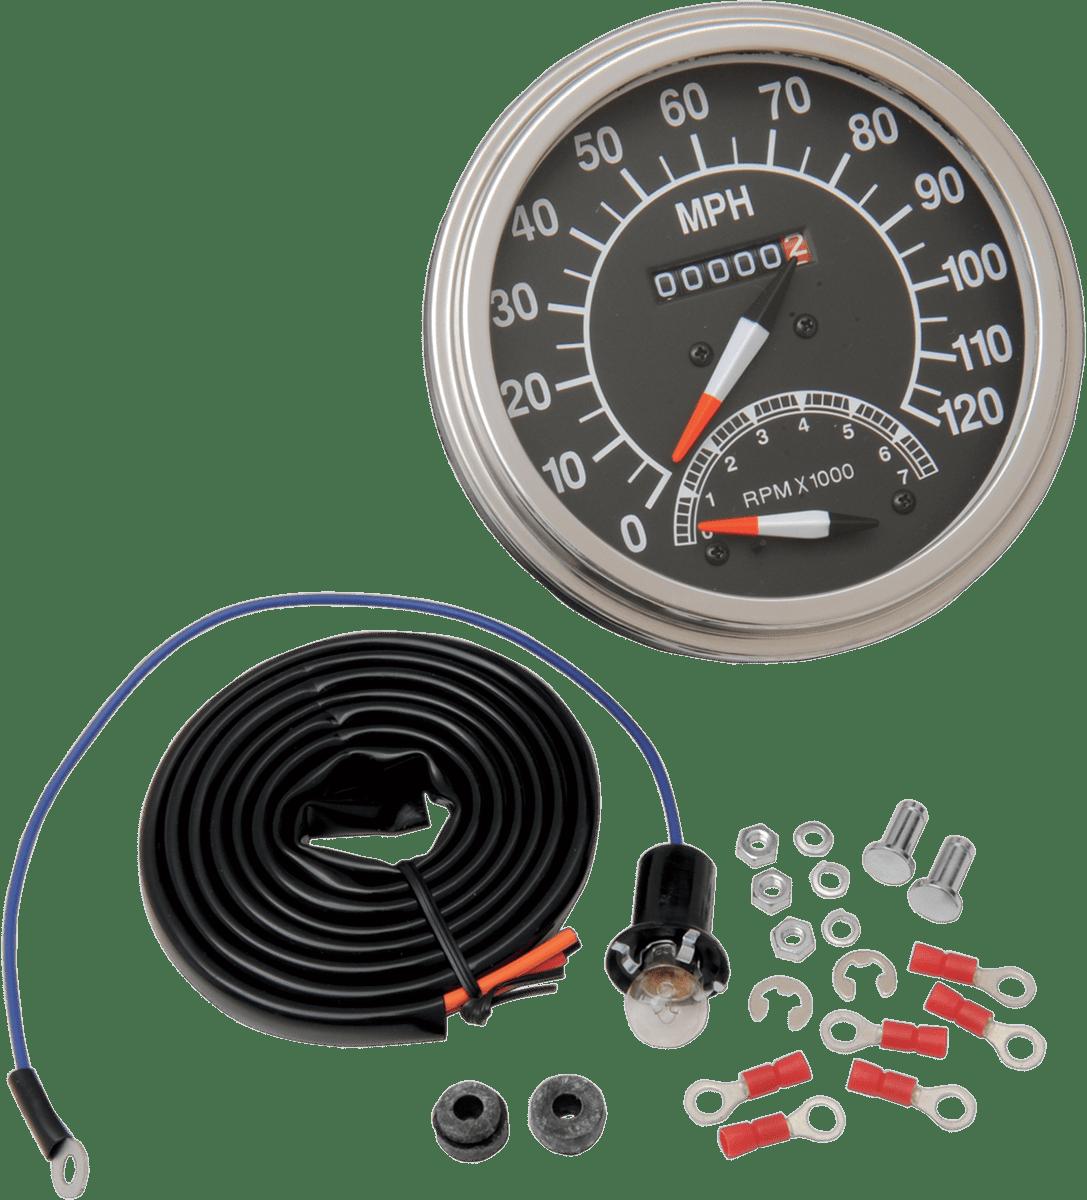 sun tach wiring engine wiring diagram sun tach st 602 wiring [ 1087 x 1200 Pixel ]